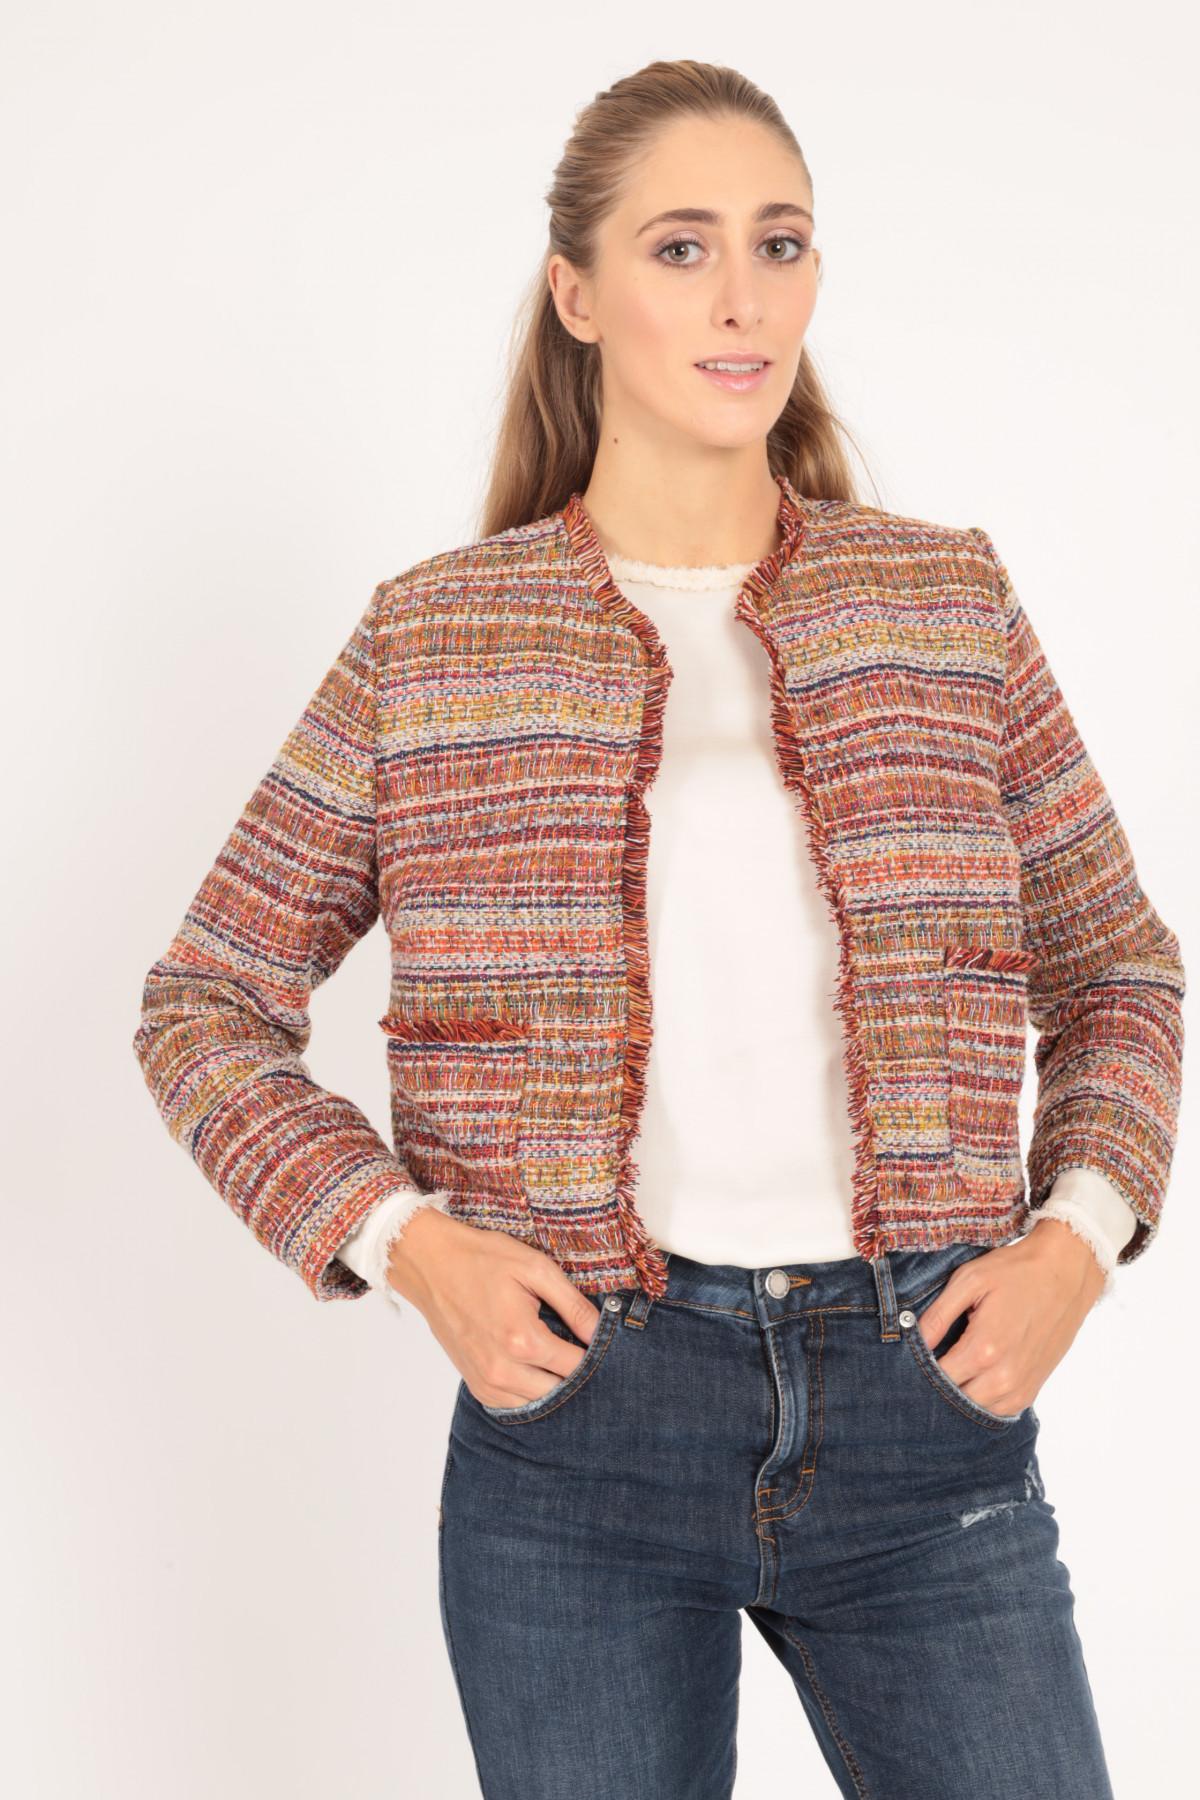 Chanel Collar Jacket in Tweed